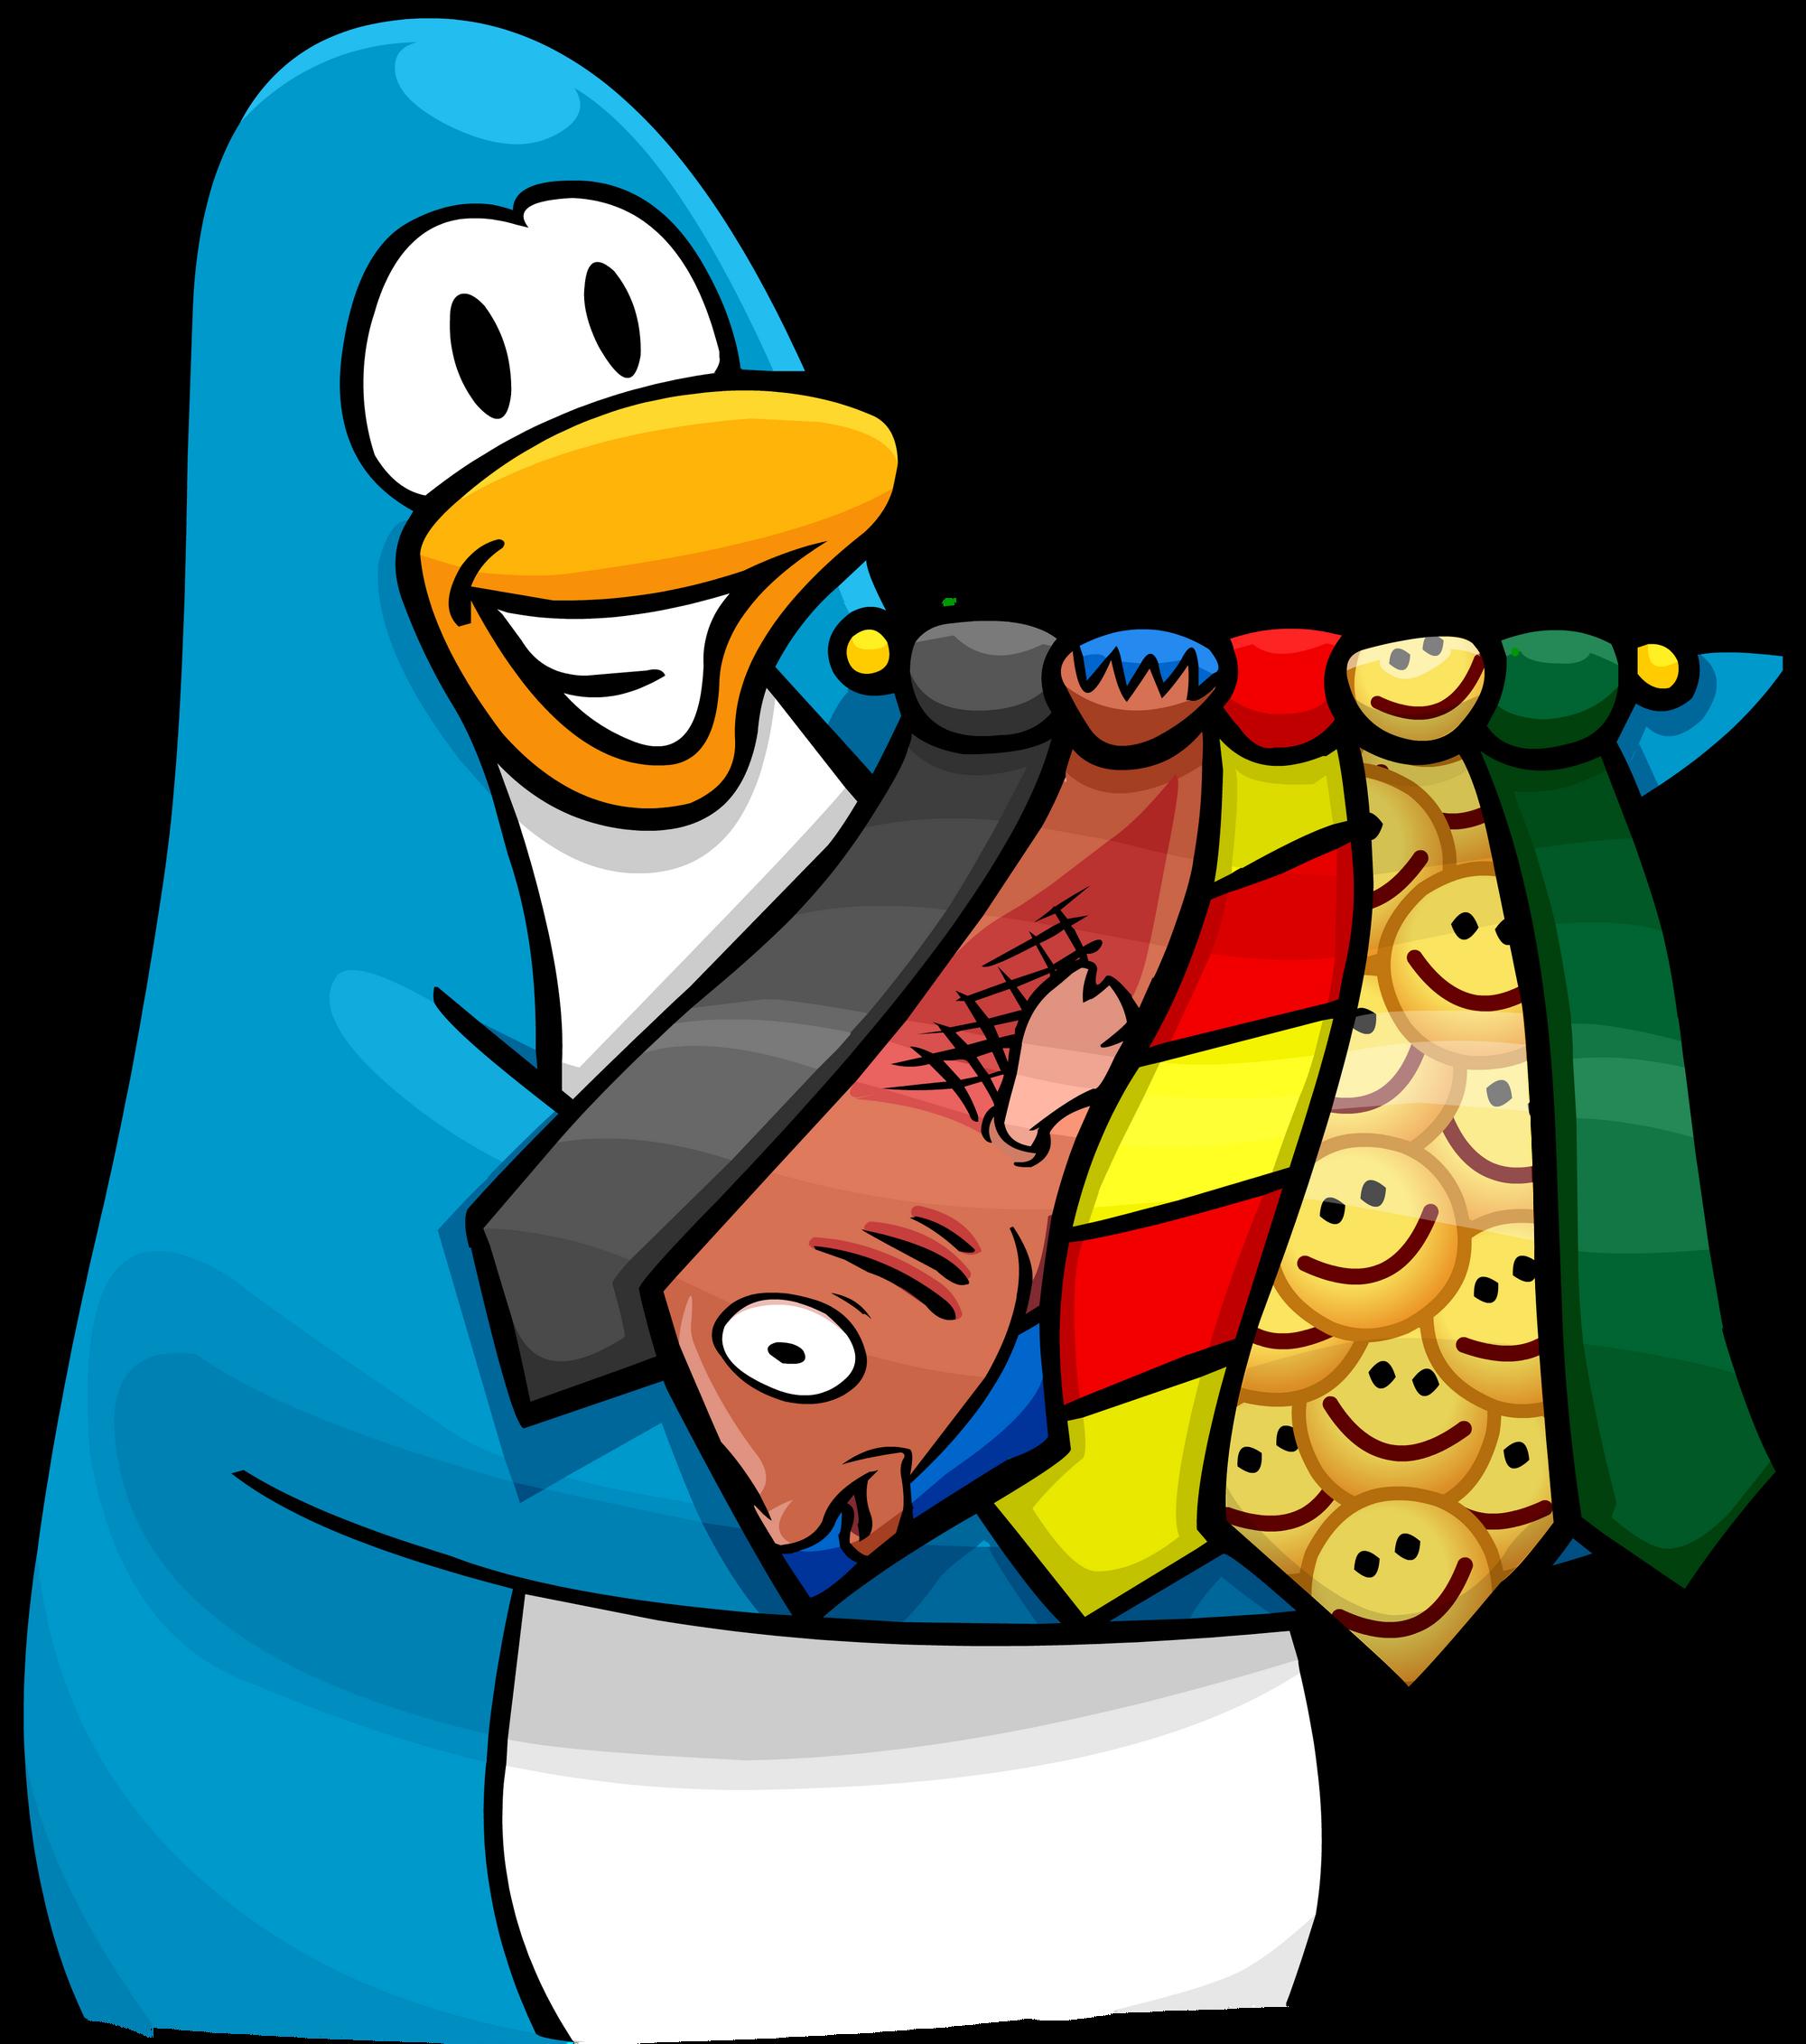 necktie wikipedia download lengkap